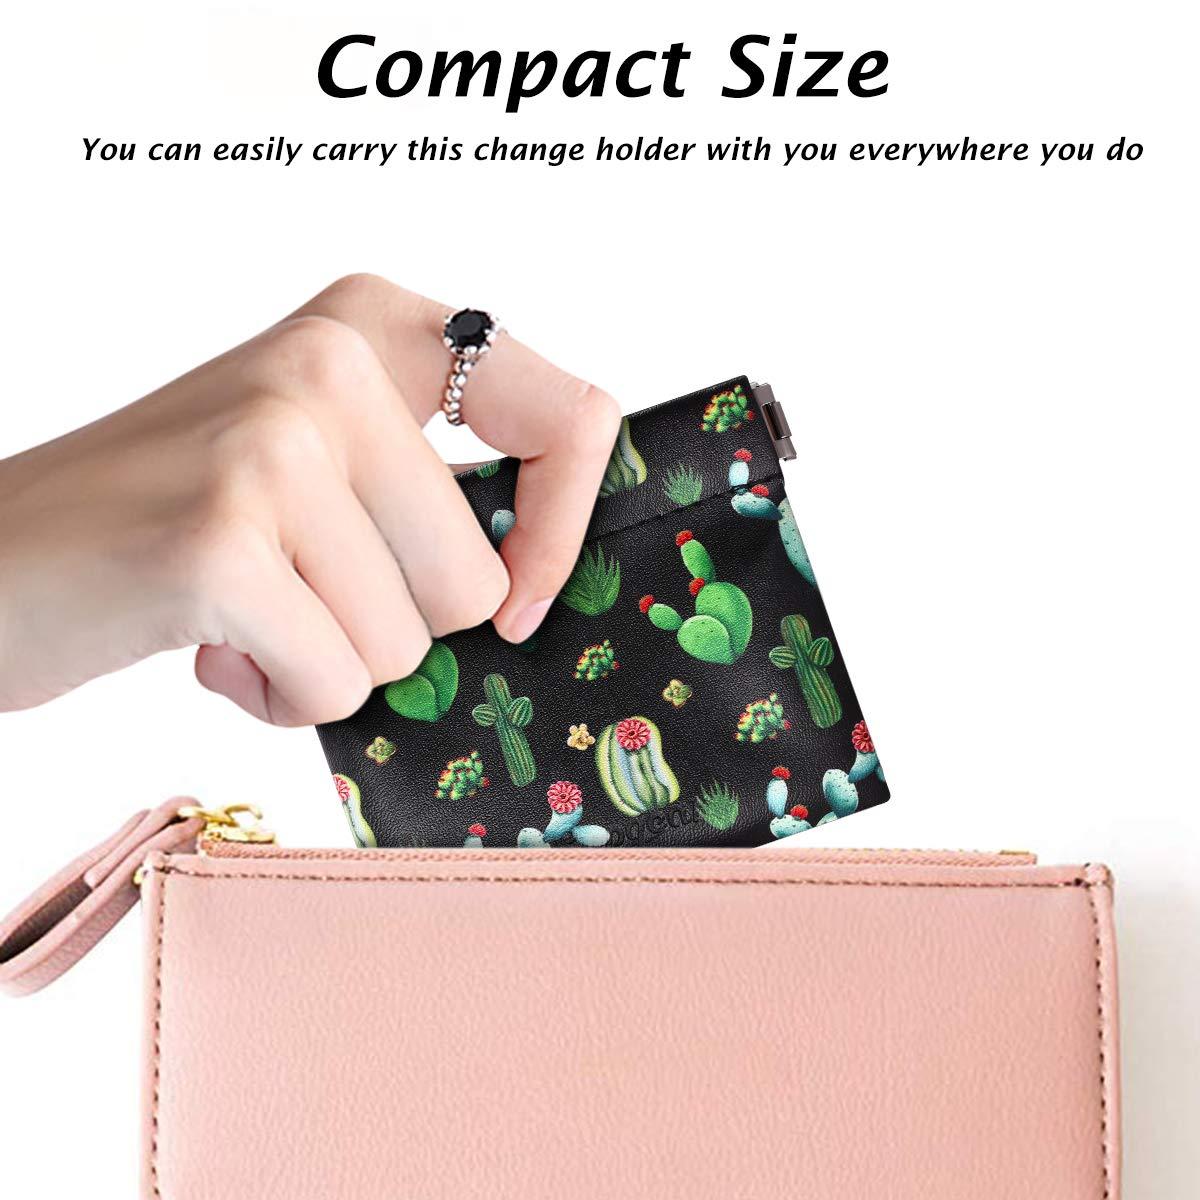 Supgear Porte-Monnaie Petite Portemonnaie Squeeze Coin Pouch Change Purse Holder Wallet Mignonne Motif Cuir Femme Cactus